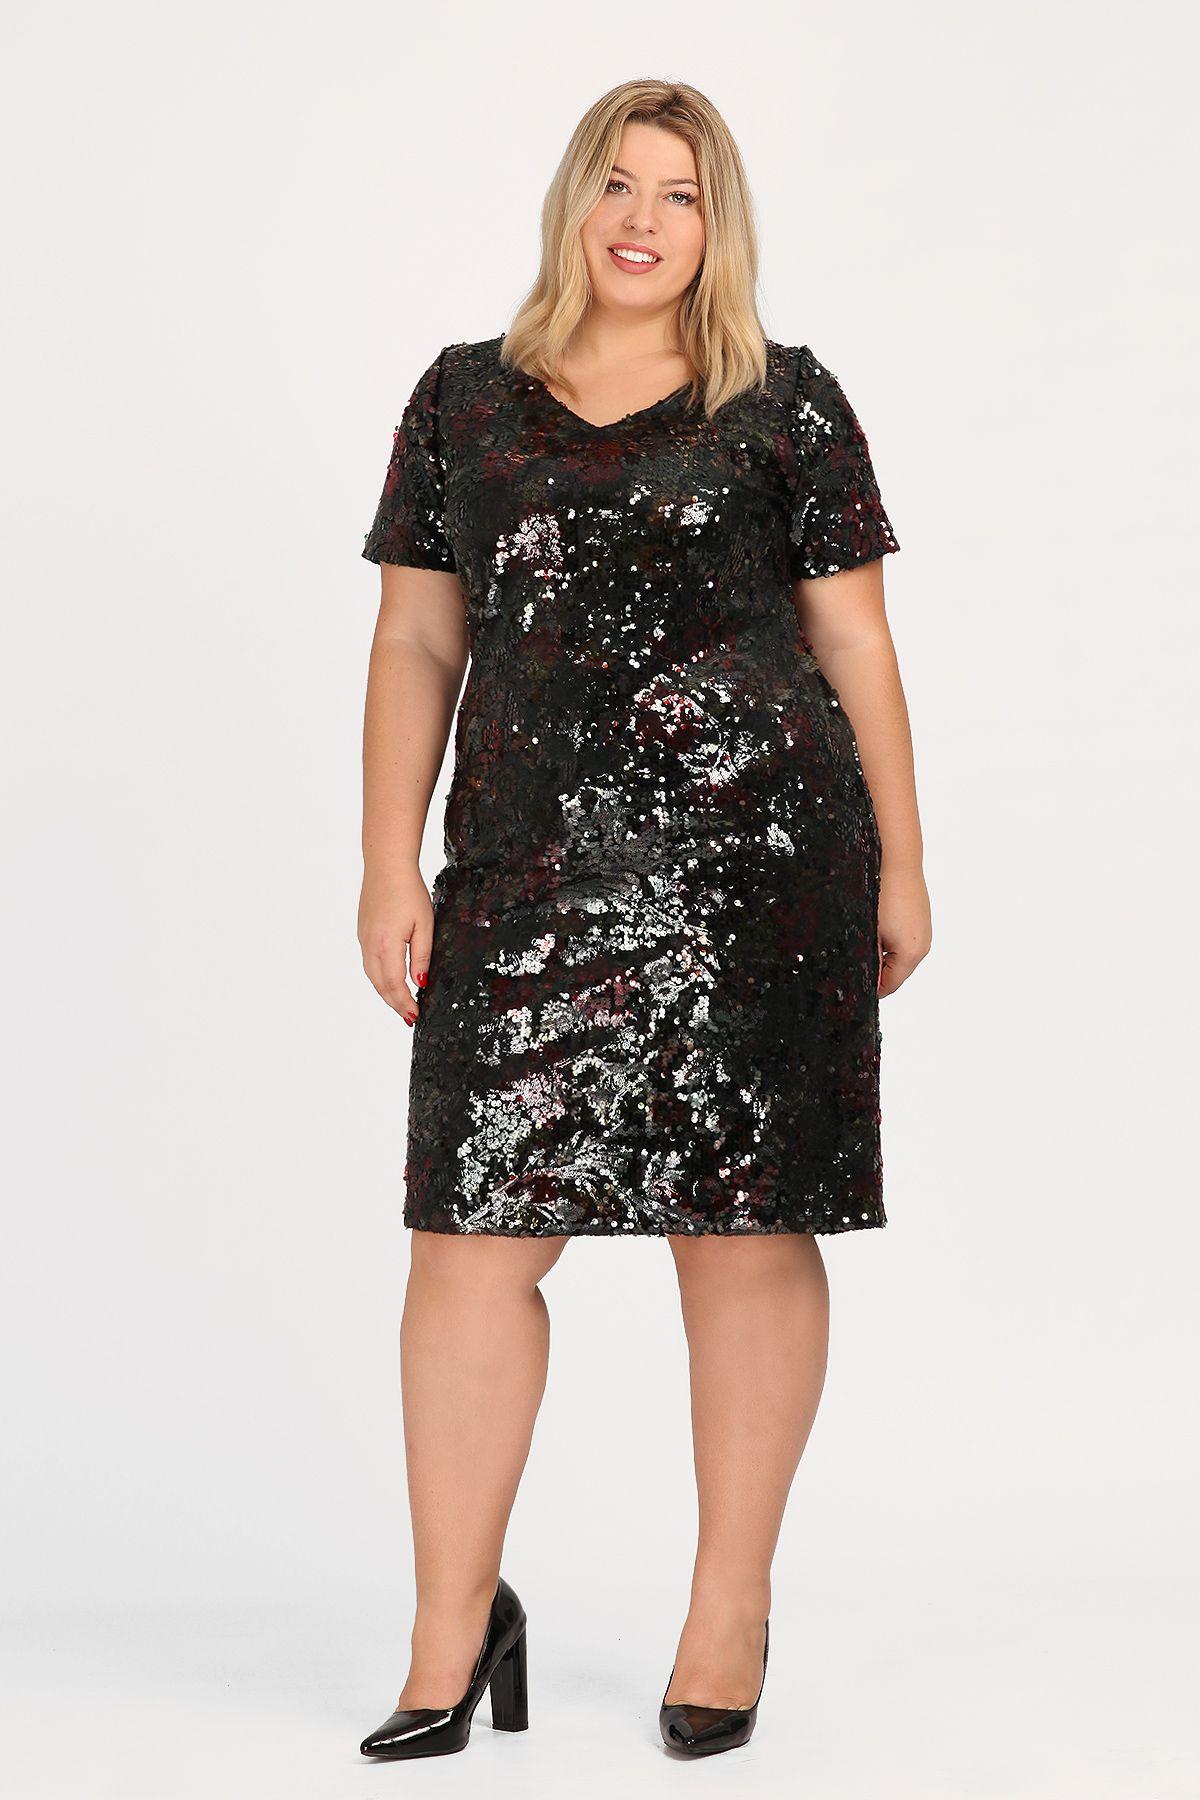 e4f2502c6ac0 Κοντομάνικο φόρεμα, φλοράλ, σε ίσια γραμμή, από ελαστική παγιέτα. Στρογγυλή  λαιμόκοψη και